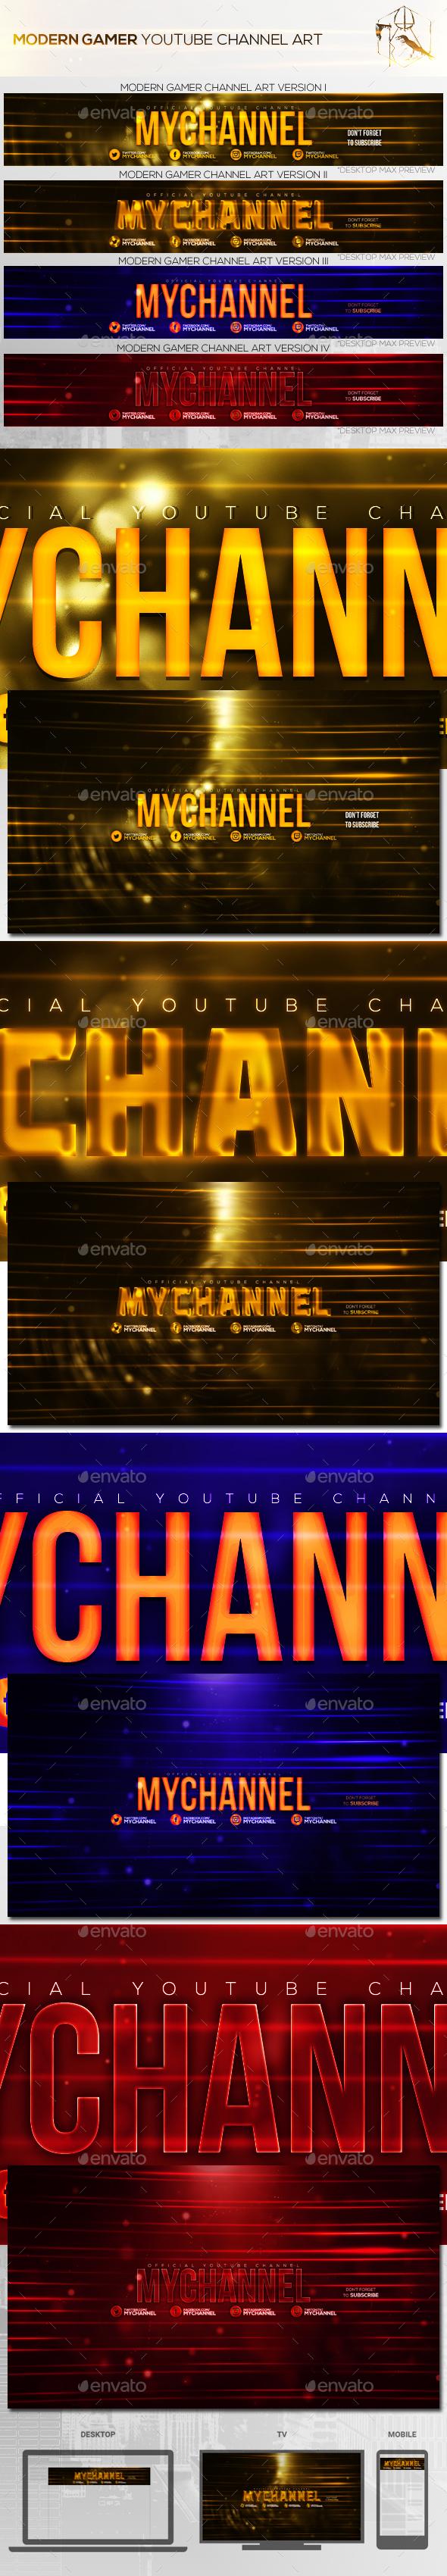 4 Modern Gamer Youtube Channel Art Banners - YouTube Social Media